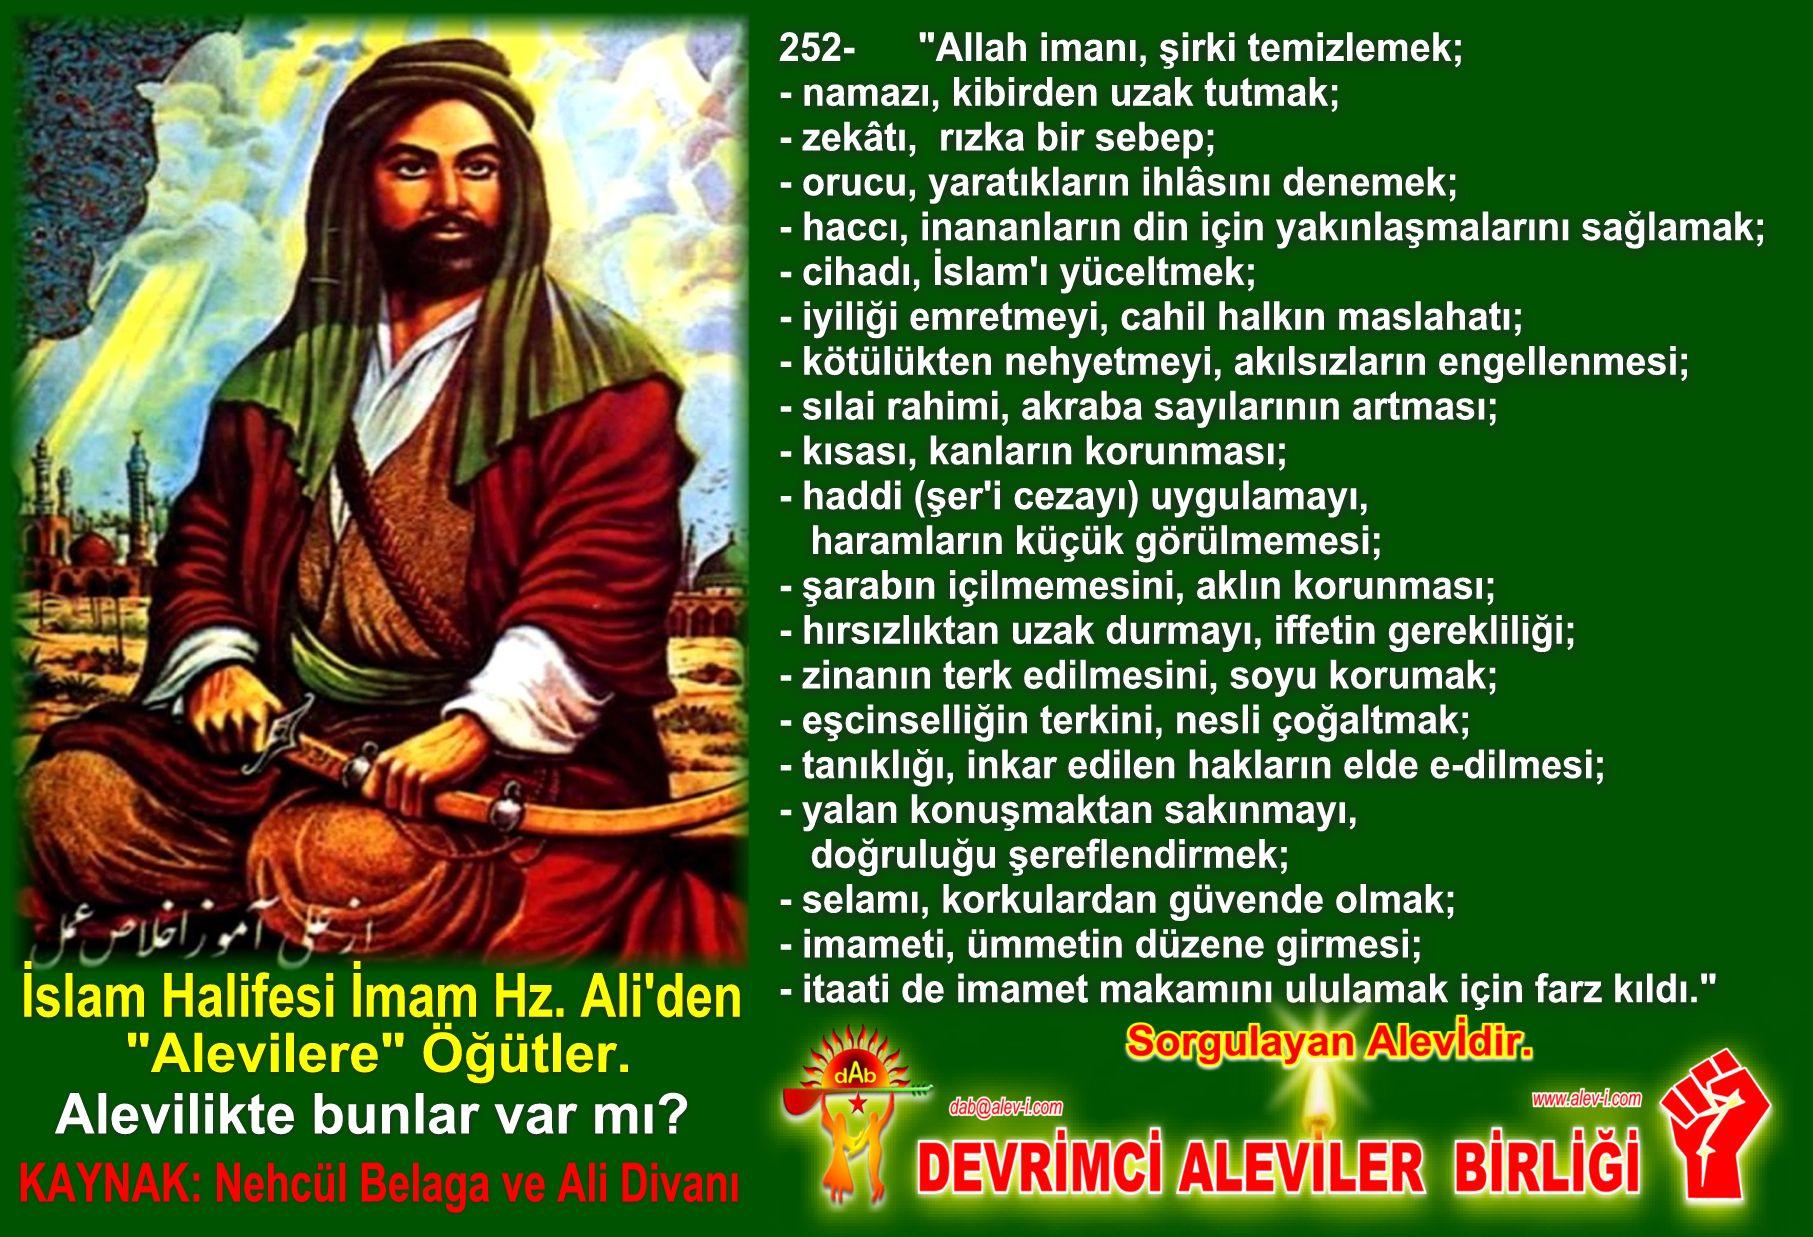 12 Hz imam Ali divani Alevi bektasi kizilbas pir sultan cemevi cem semah devrimci aleviler birligi DAB Feramuz Sah Acar halife imam aliden inciler2